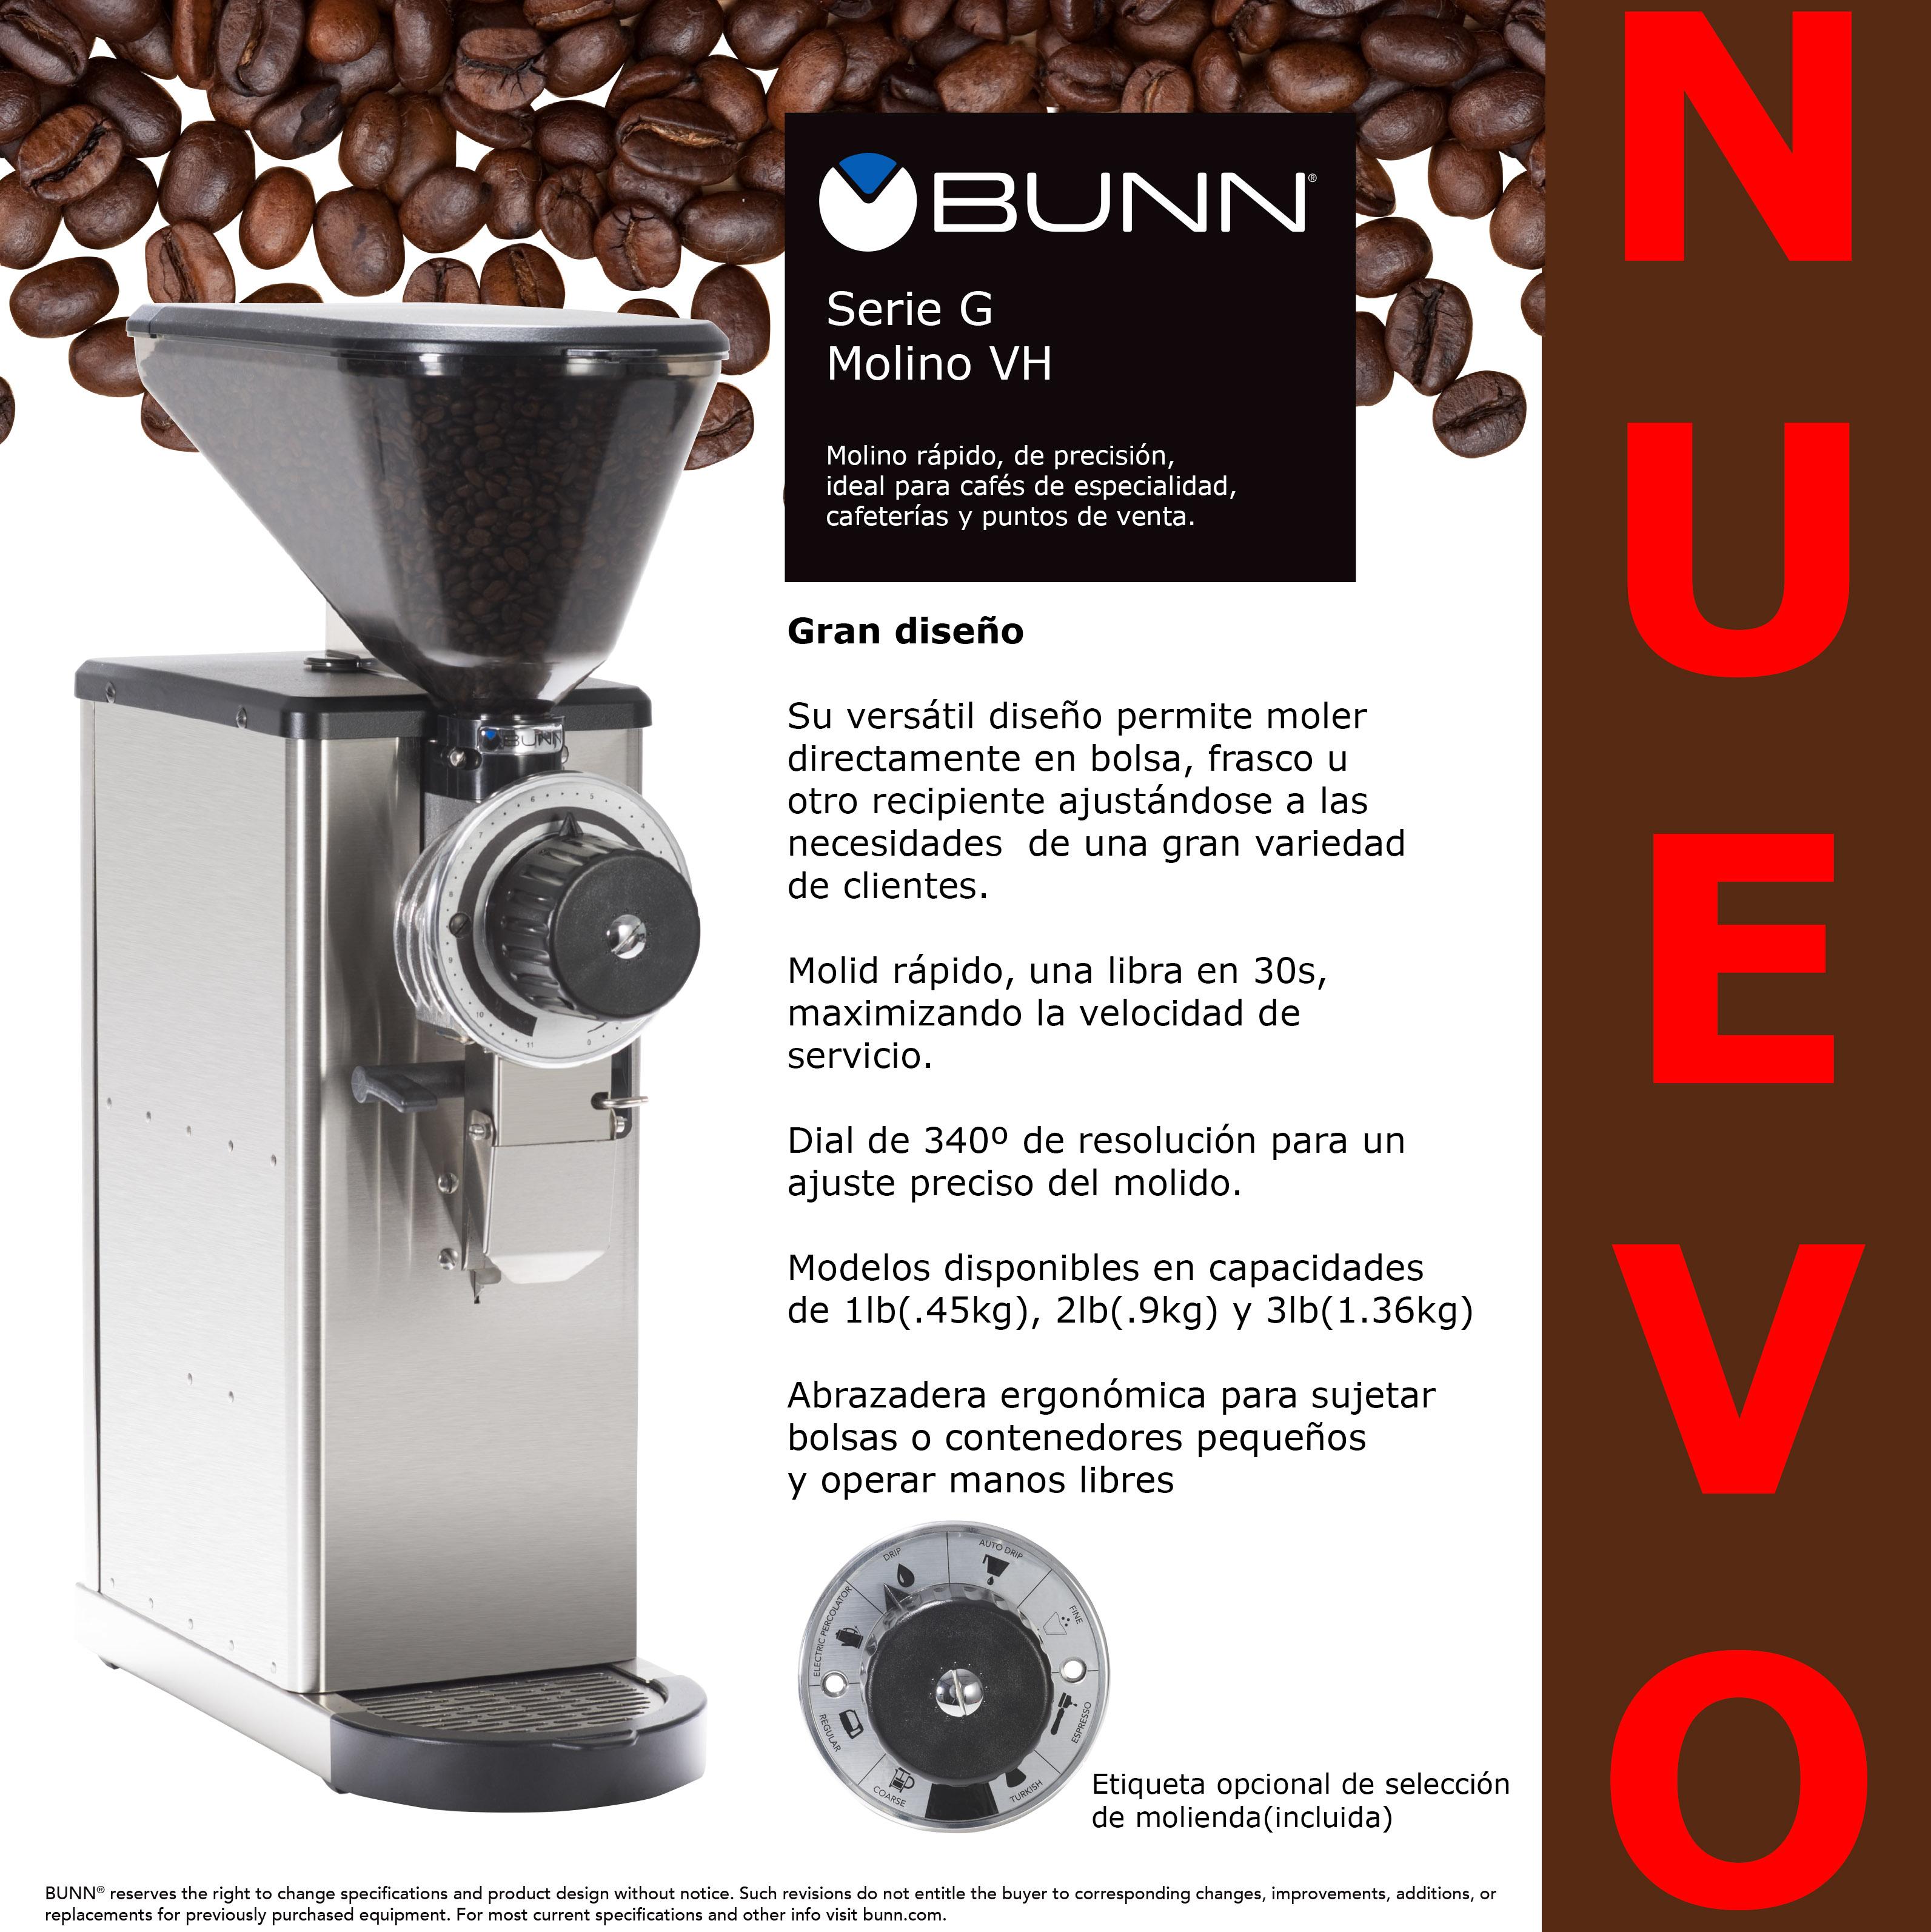 Molino Bunn VH Serie G